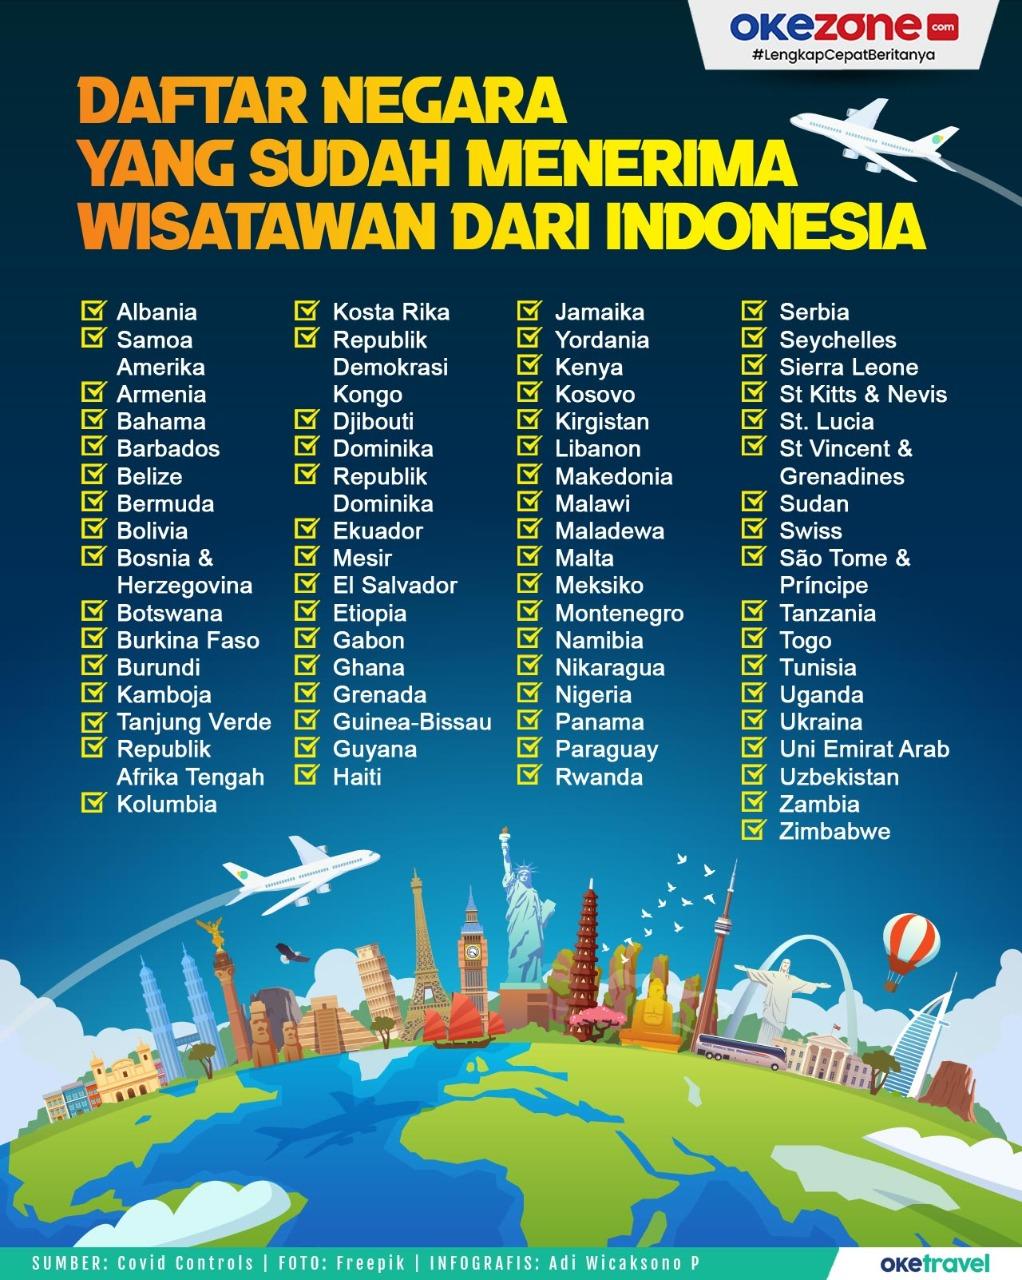 Daftar 68 Negara yang Sudah Menerima Wisatawan dari Indonesia -